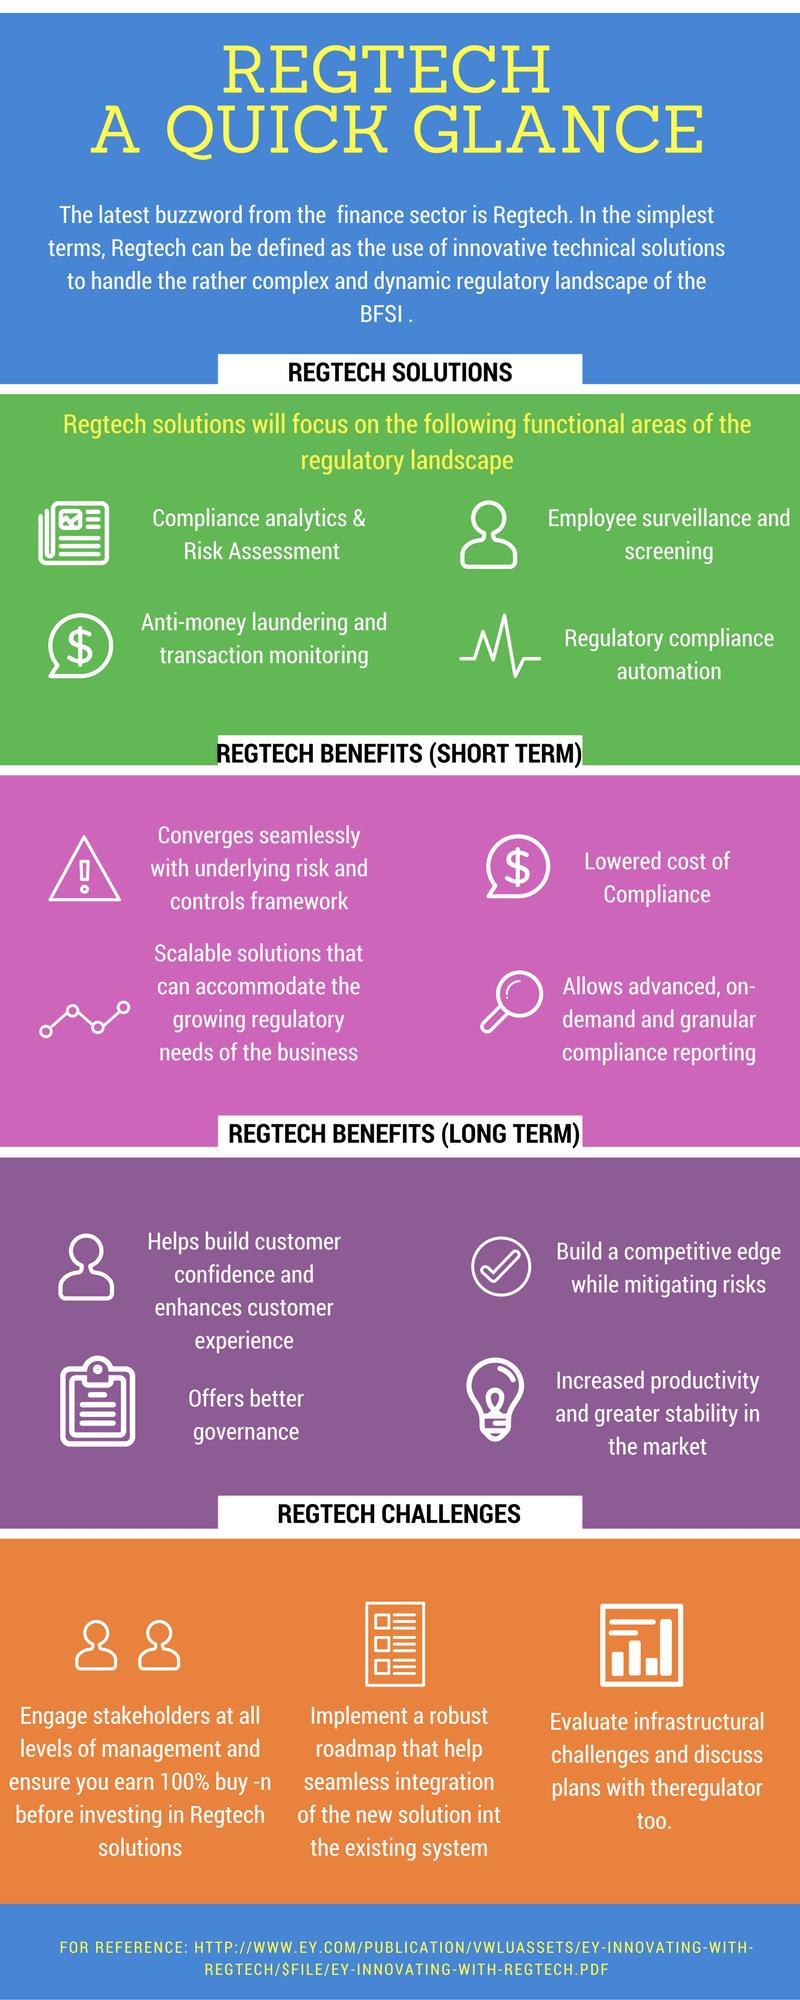 Regtech - A Quick Glance